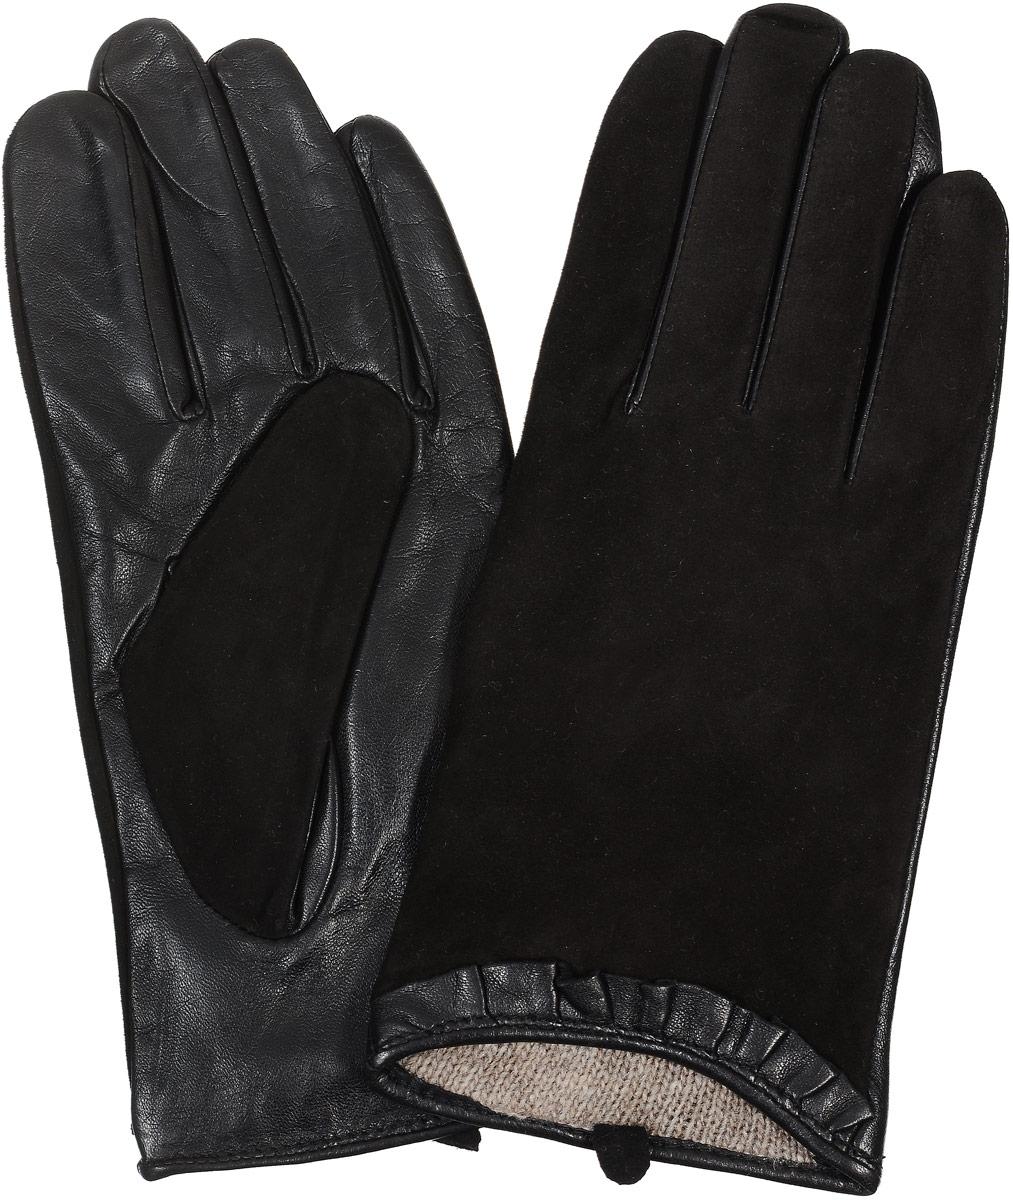 29К_40046_12/10_П_1Стильные женские перчатки Piero станут великолепным дополнением вашего образа и защитят ваши руки от холода и ветра во время прогулок. Перчатки выполнены из комбинированной натуральной кожи и замши, а подкладка изготовлена из теплой шерсти. Модель выполнена в лаконичном однотонном стиле и оформлена оригинальными складочками. Такие перчатки будут оригинальным завершающим штрихом в создании современного модного образа.